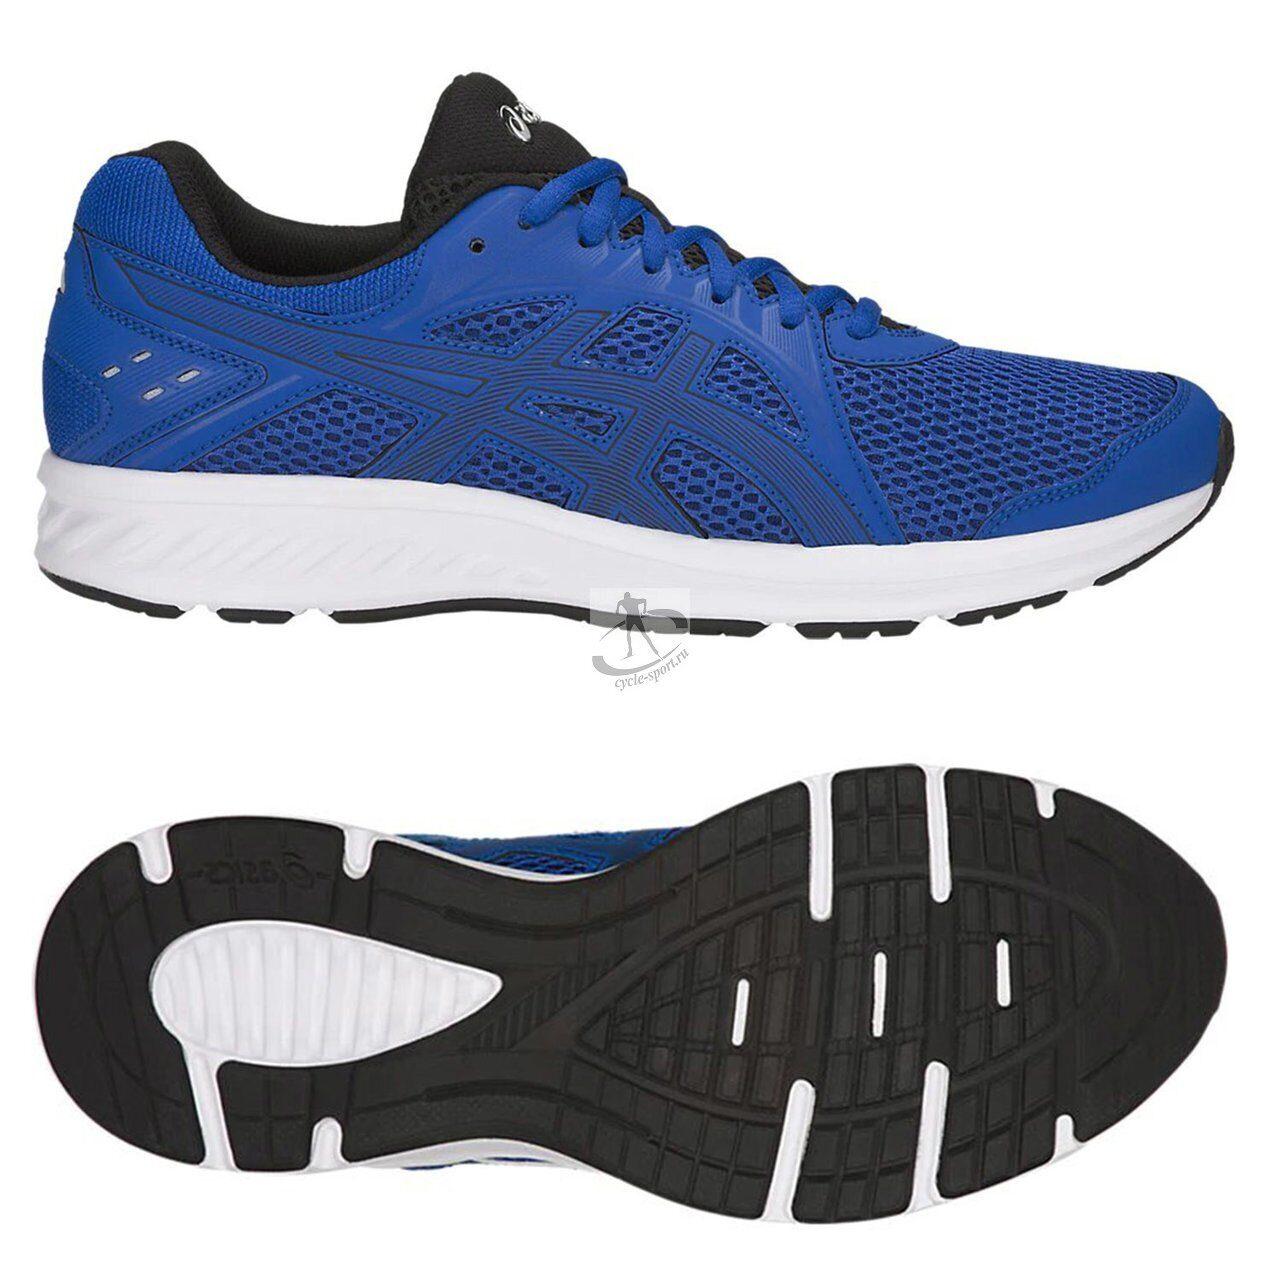 86a93059 Качественные и удобные мужские кроссовки Asics Jolt 2 1011A167-400 ...